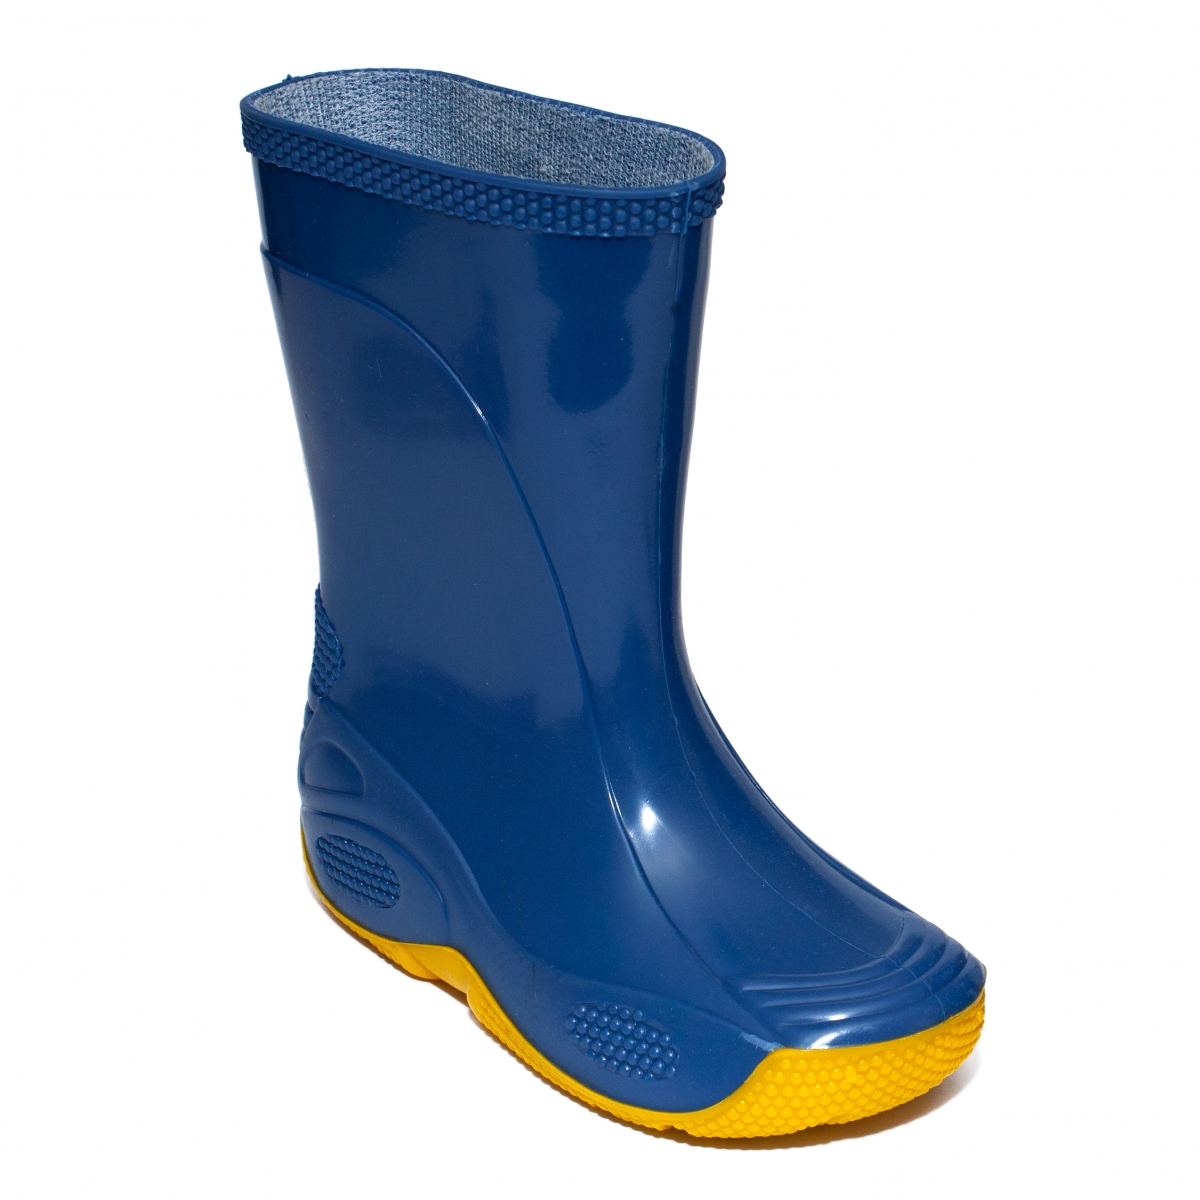 Cizme copii cauciuc de ploaie 2 albastru galben 20-35